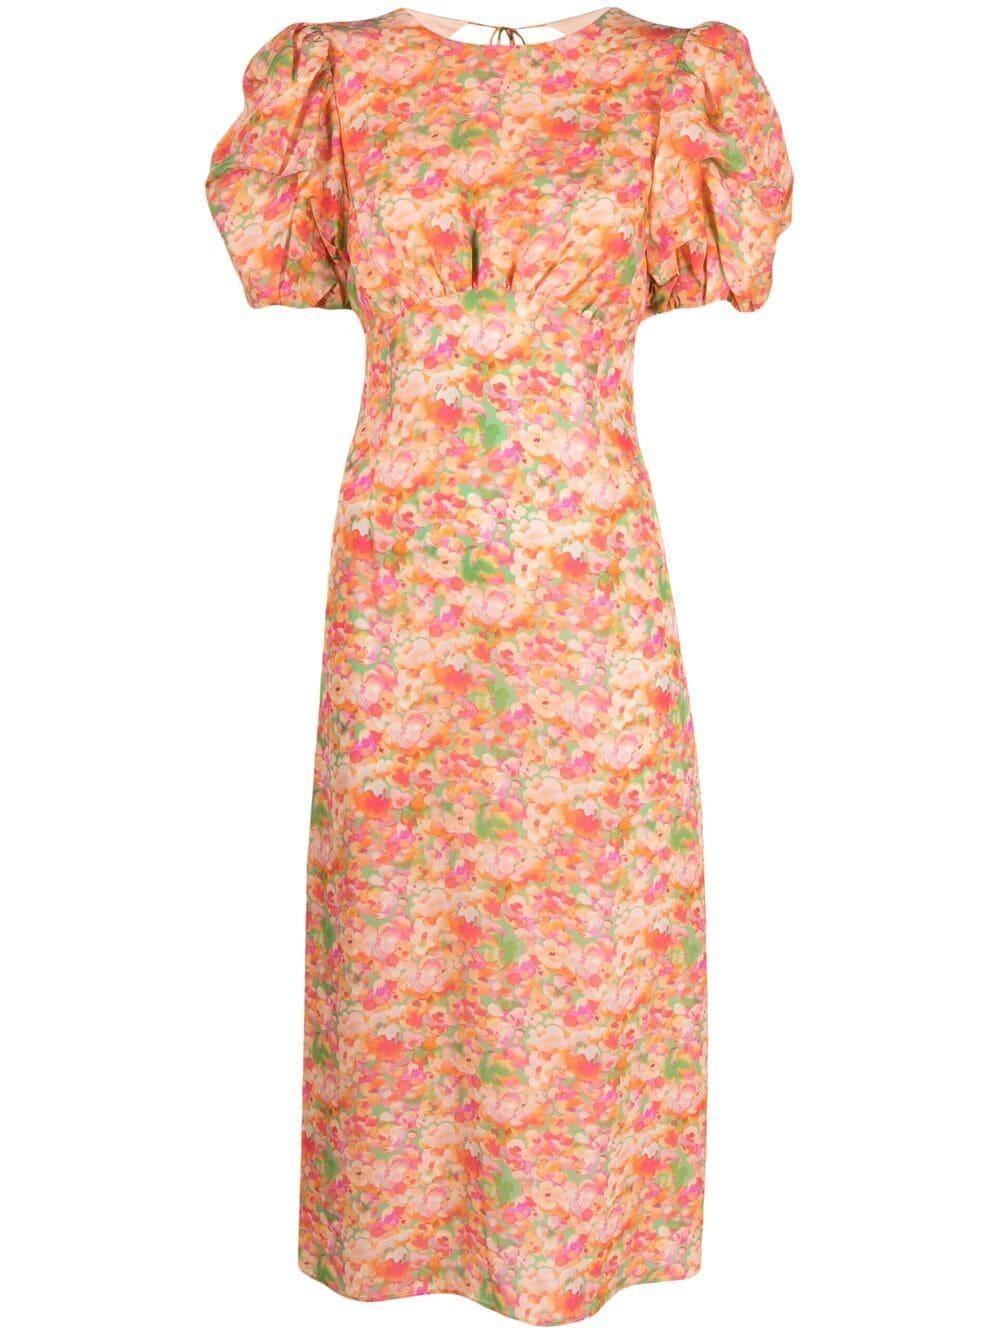 Gloria Printed Midi Dress Item # T090123B